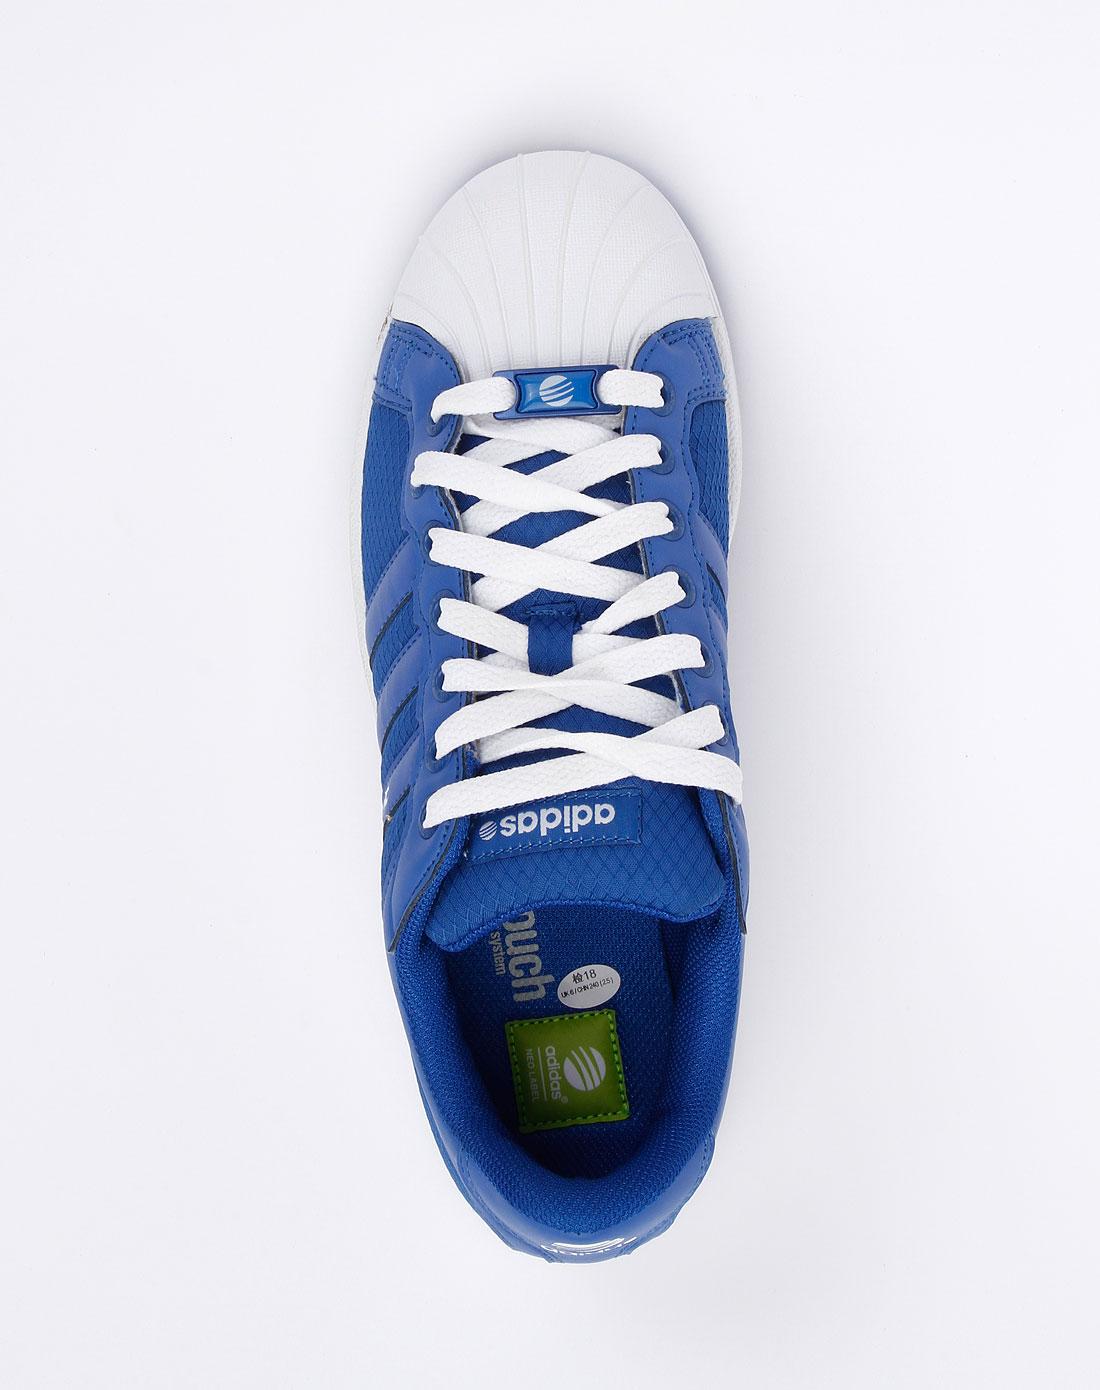 阿迪达斯adidas男款蓝色休闲鞋g53238